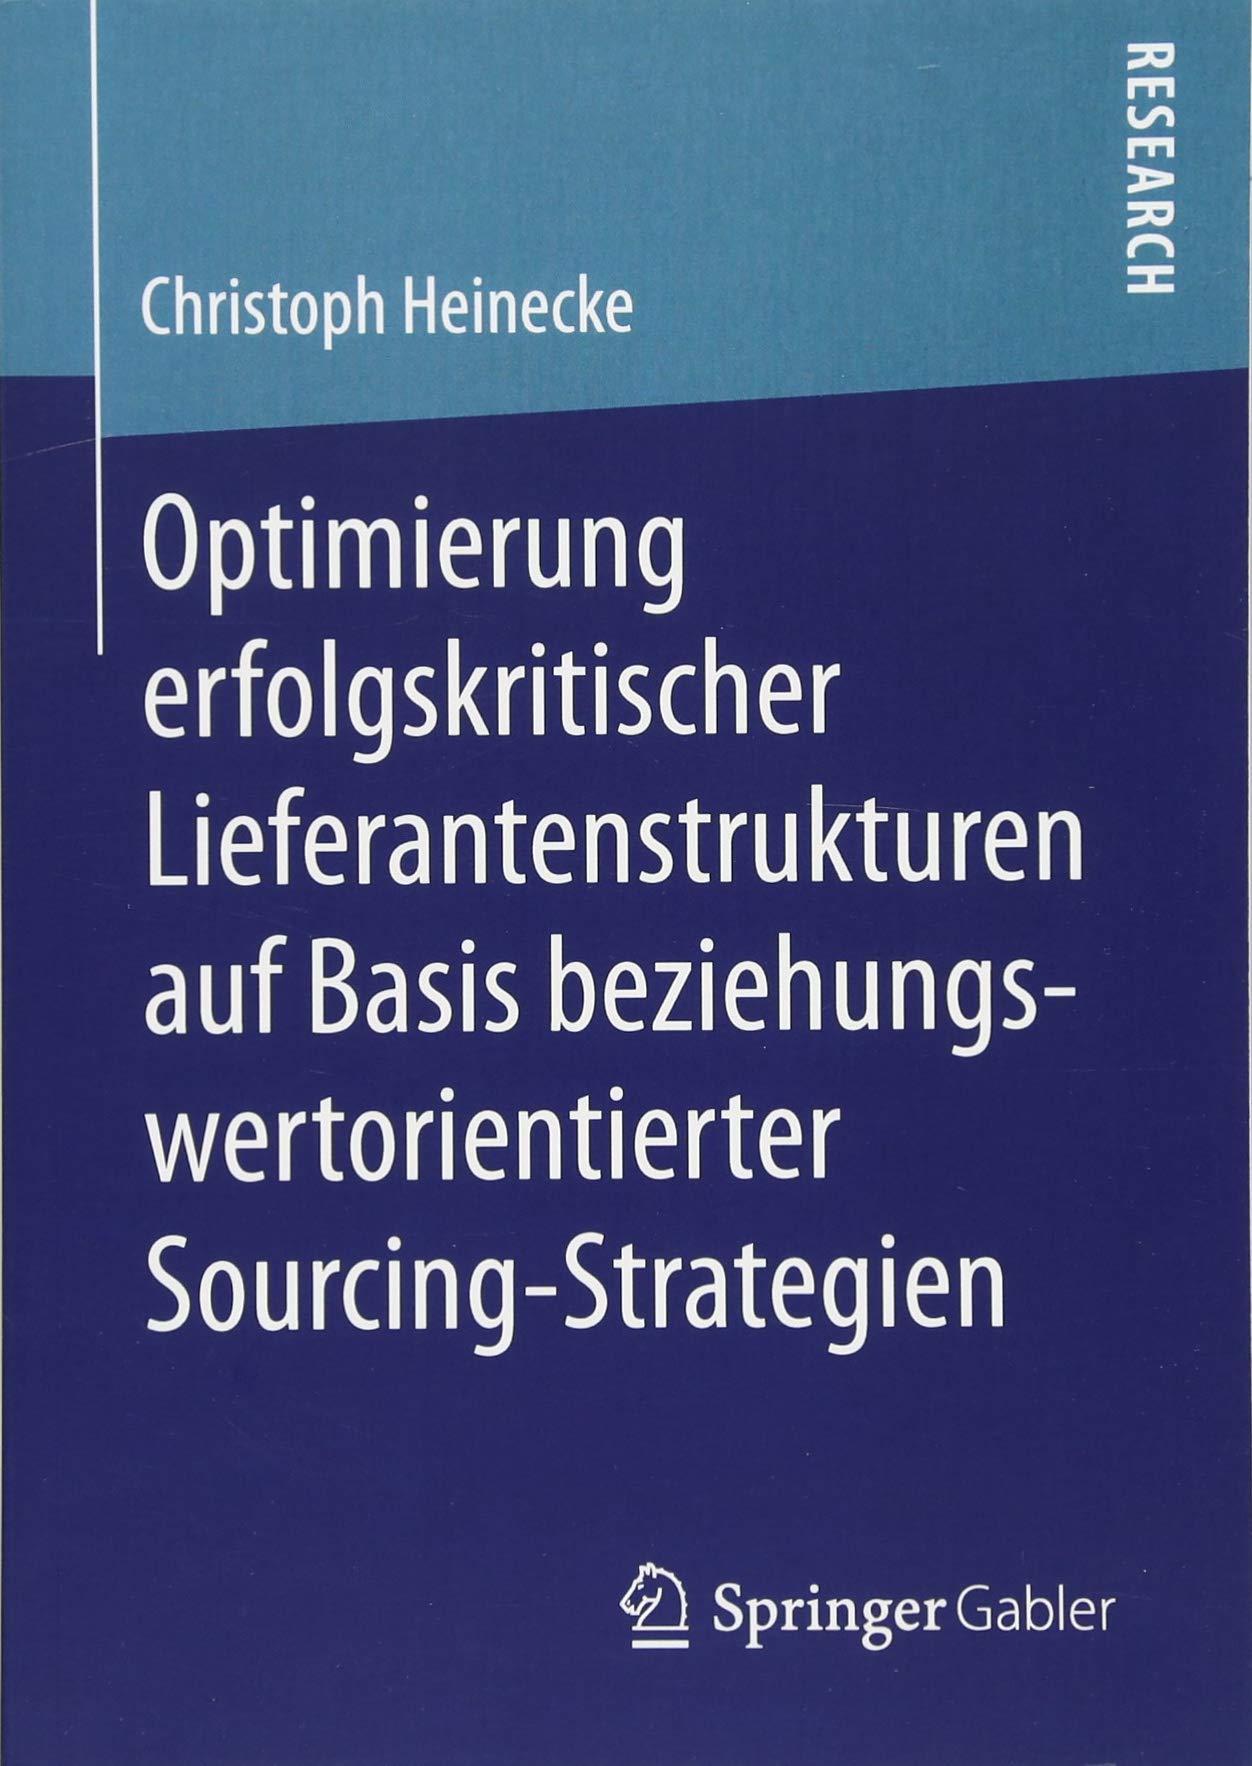 Optimierung erfolgskritischer Lieferantenstrukturen auf Basis beziehungswertorientierter Sourcing-Strategien Taschenbuch – 4. Dezember 2017 Christoph Heinecke Springer Gabler 3658196734 Wirtschaft